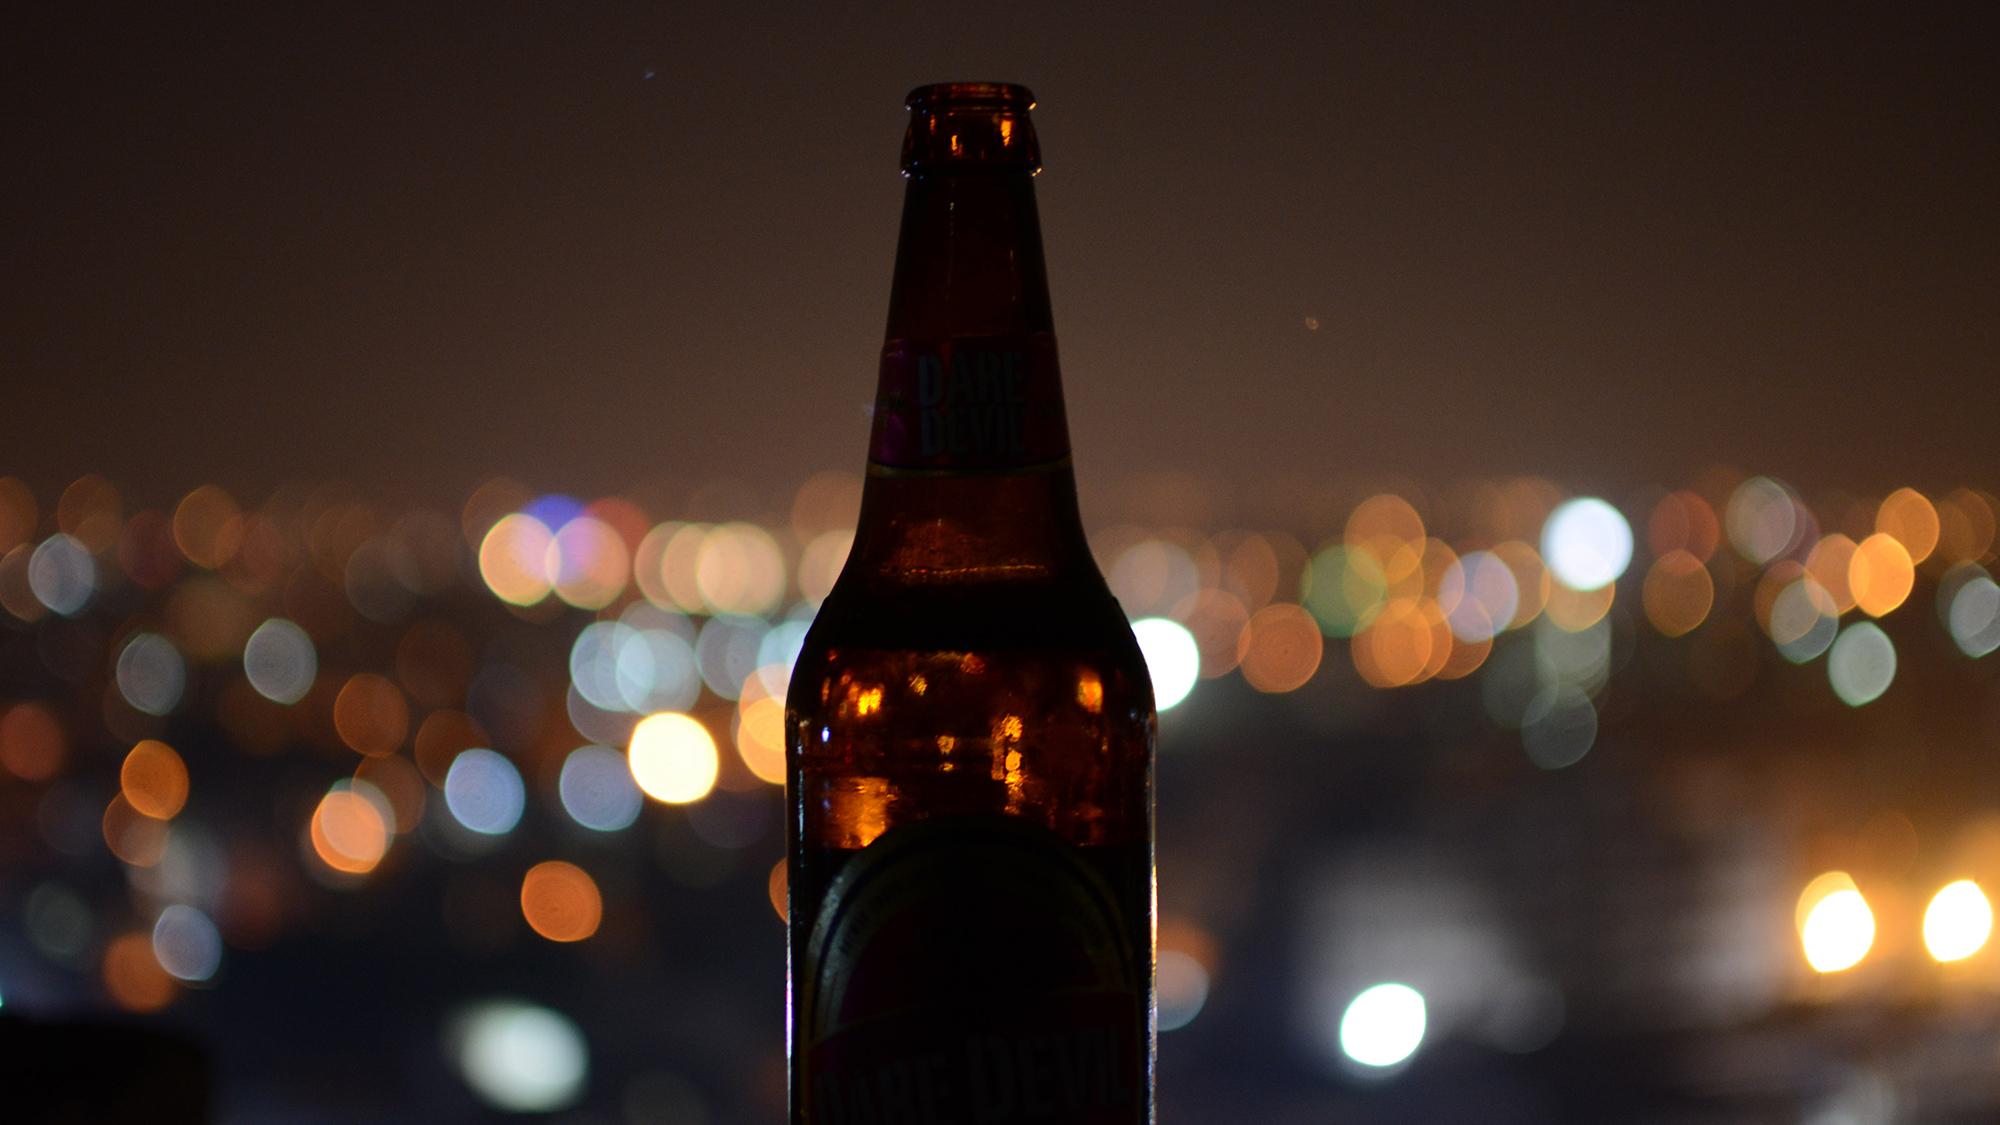 El consum d'alcohol durant l'embaràs té efectes al cervell, a nivell molecular, a llarg temini. Foto de Eeshan Garg a Unsplash.